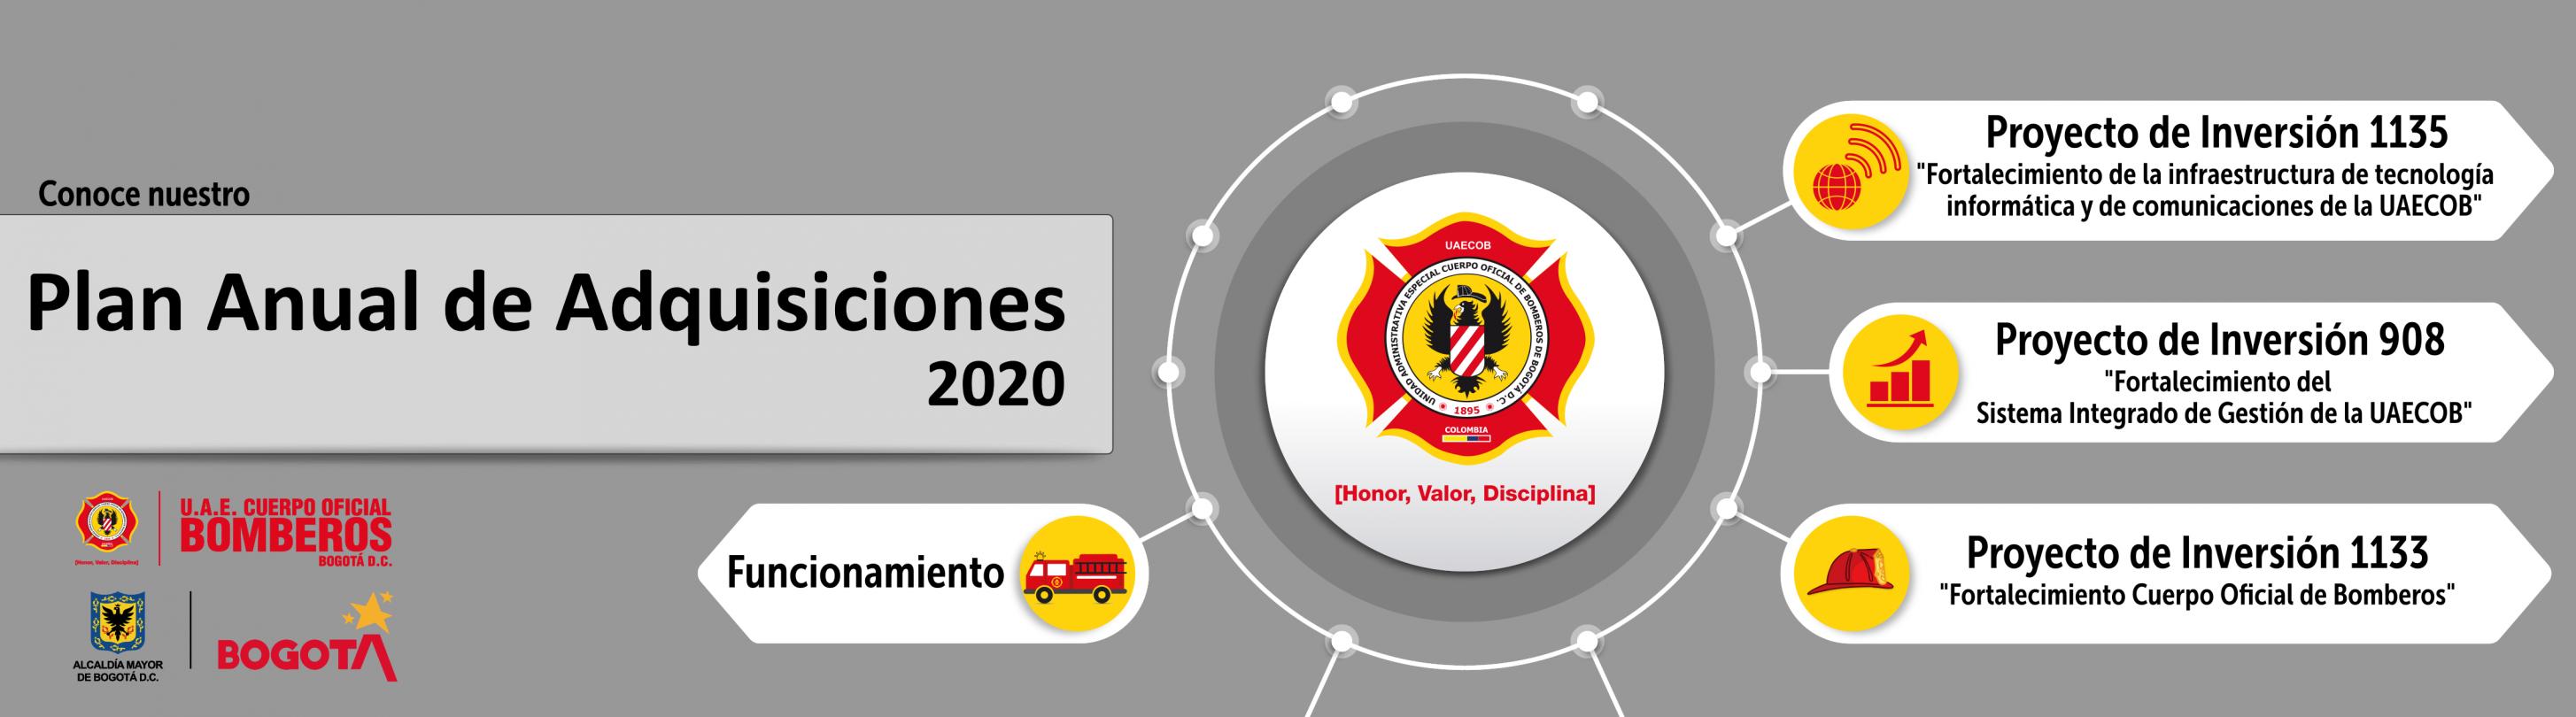 Plan Anual de Adquisiciones 2020